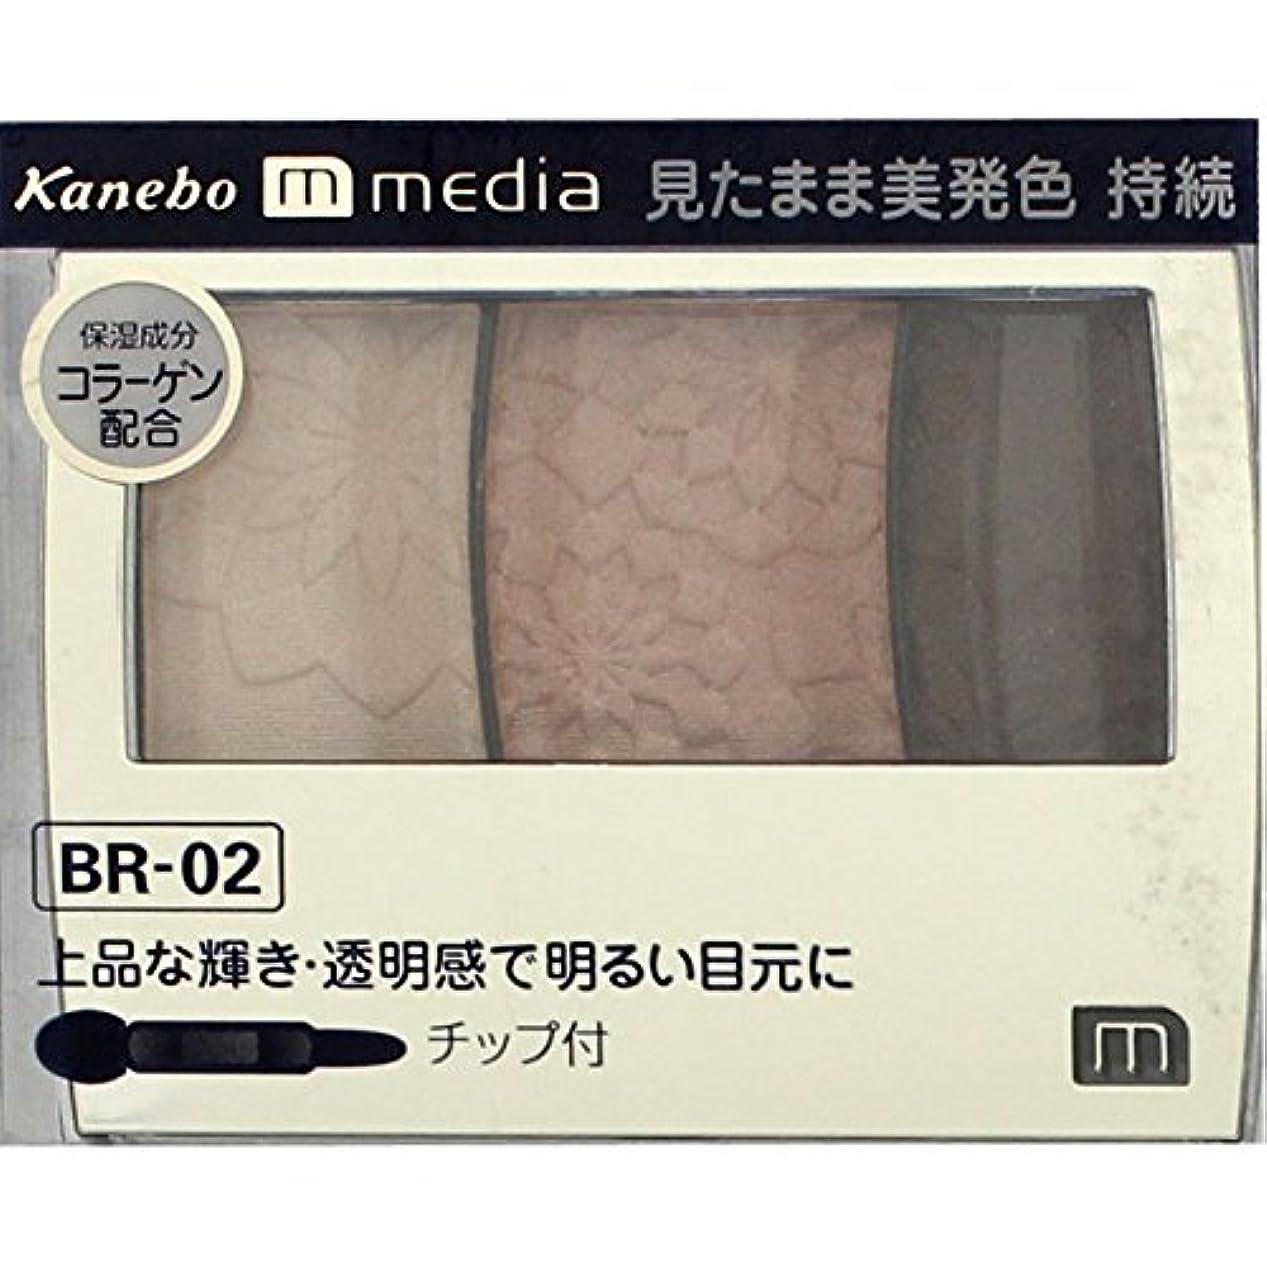 罰酸度一元化する【カネボウ】 メディア グラデカラーアイシャドウ BR-02